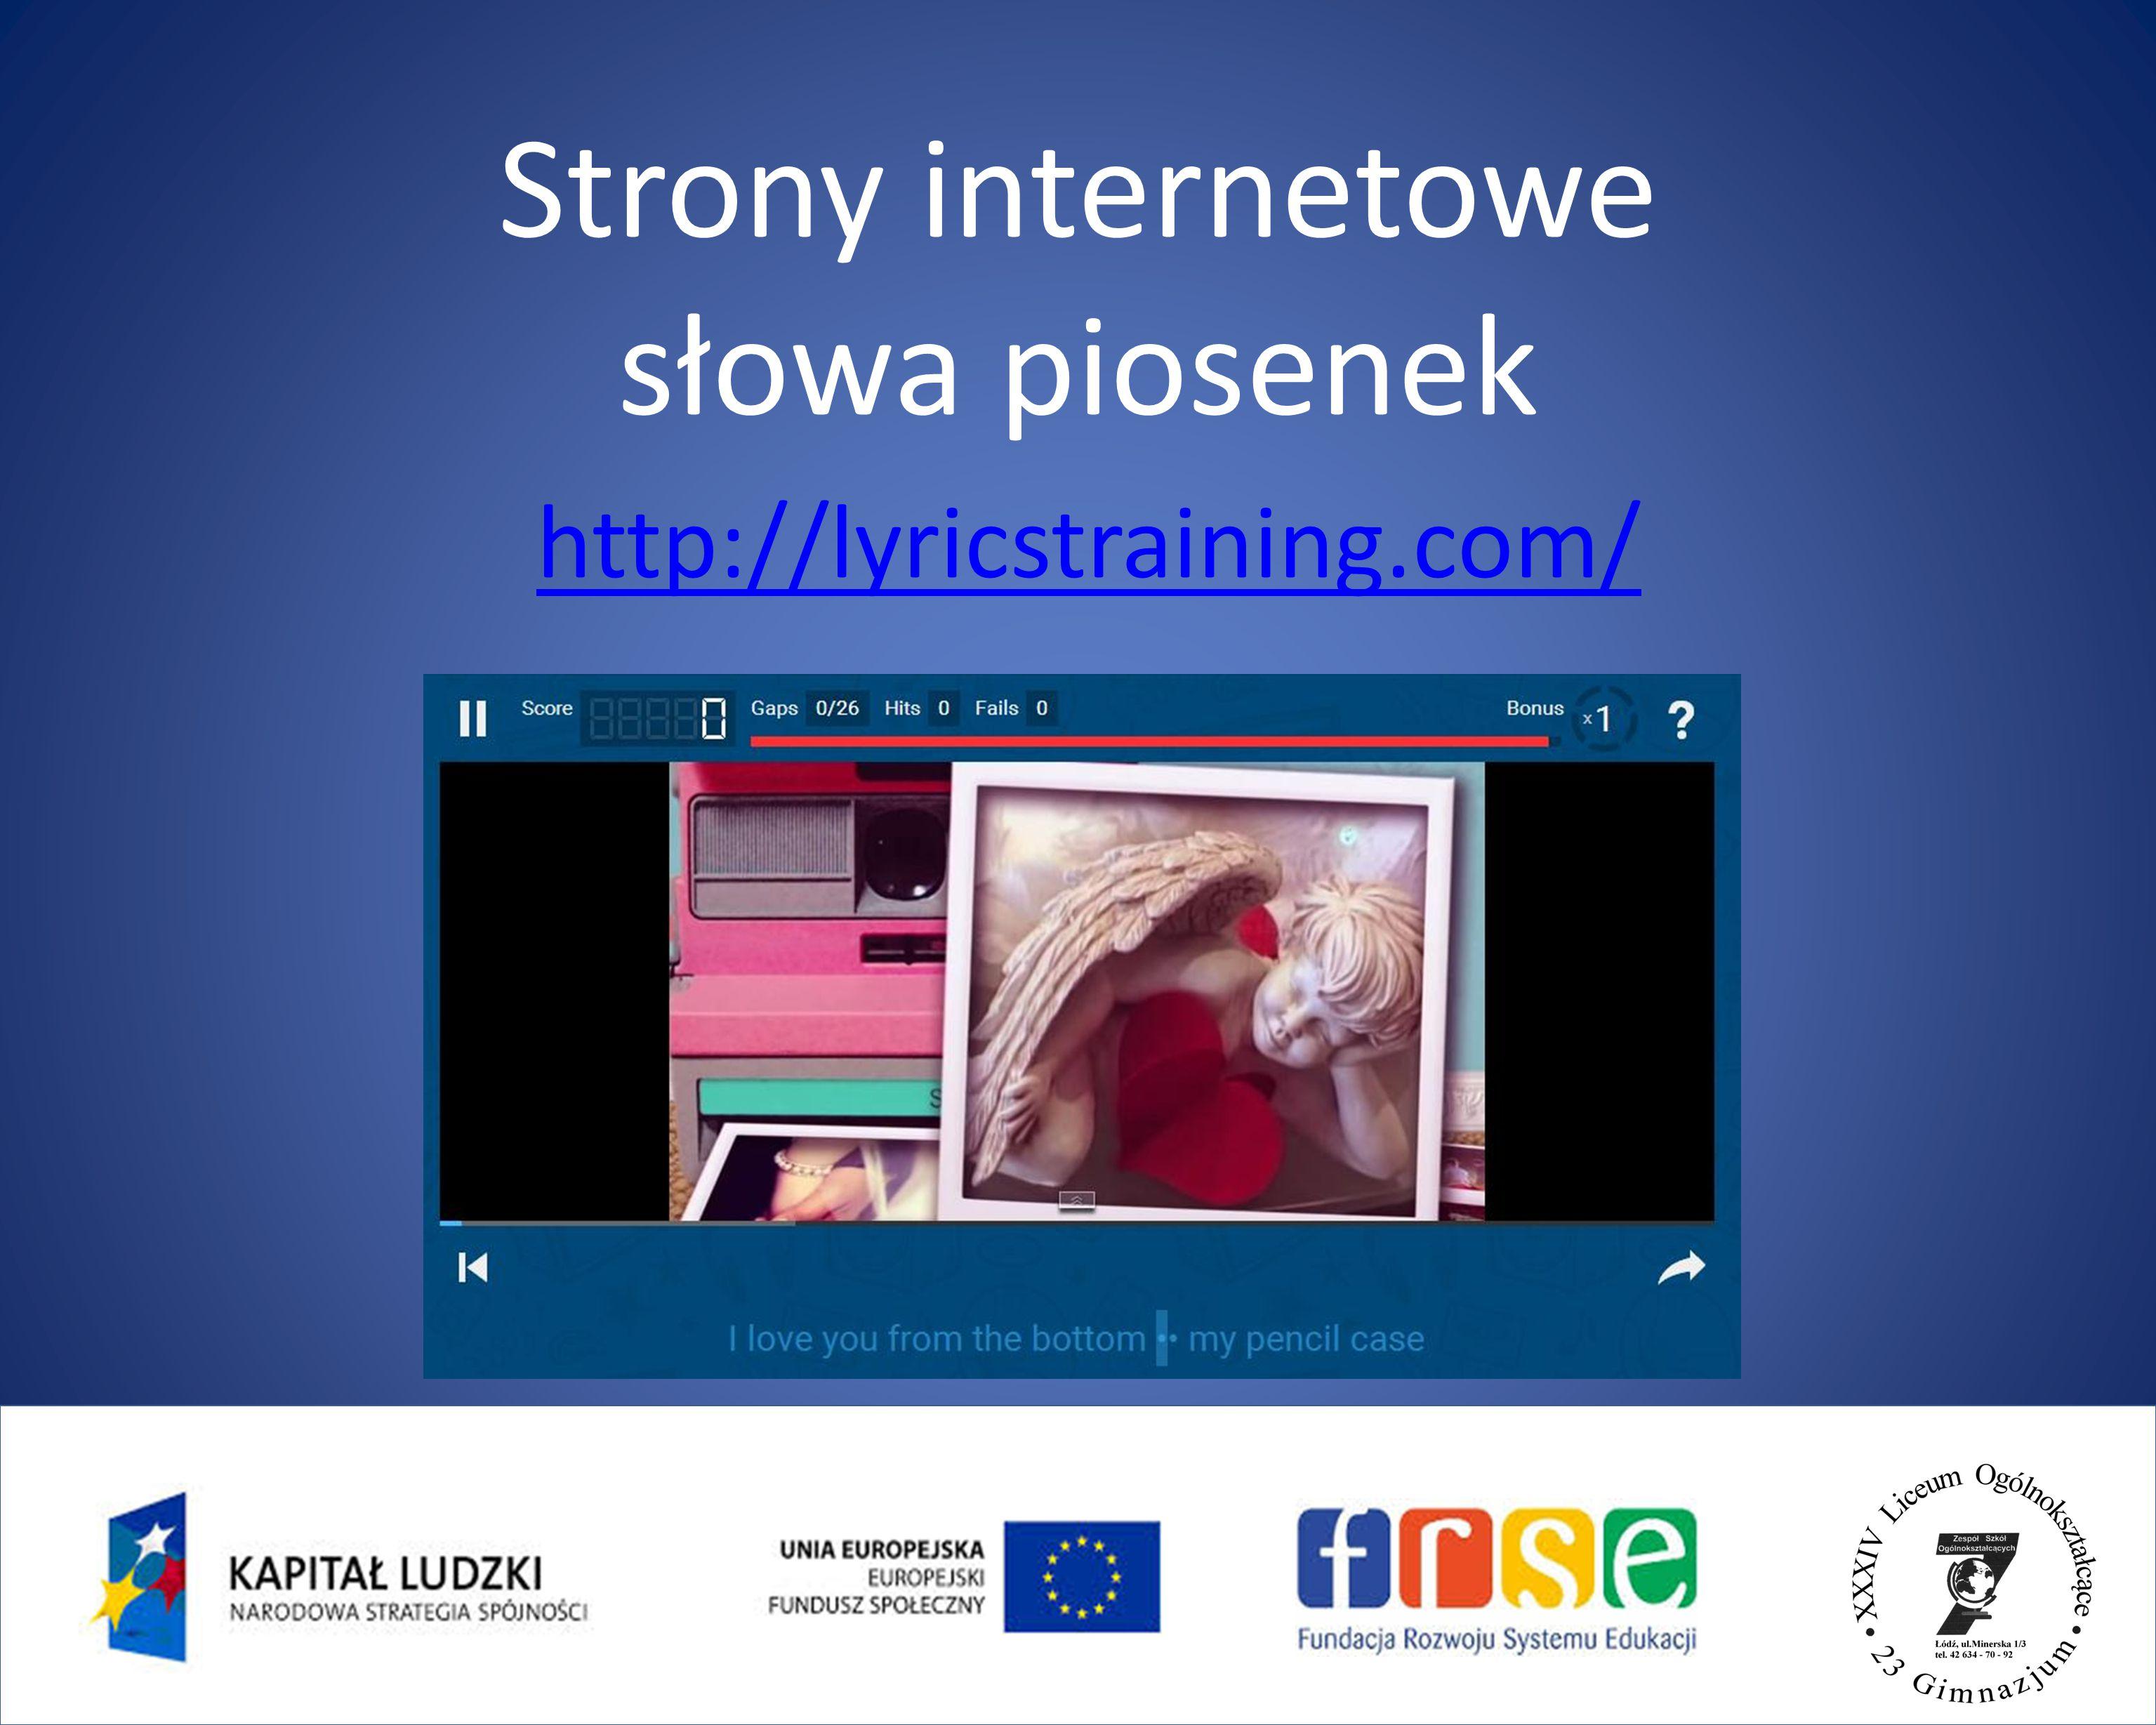 Strony internetowe - filmy https://www.youtube.com/watch?v=gNaDvAYC0Jw https://www.youtube.com/watch?v=R9rymEWJX38 https://www.youtube.com/watch?v=w0hDORaUBMs